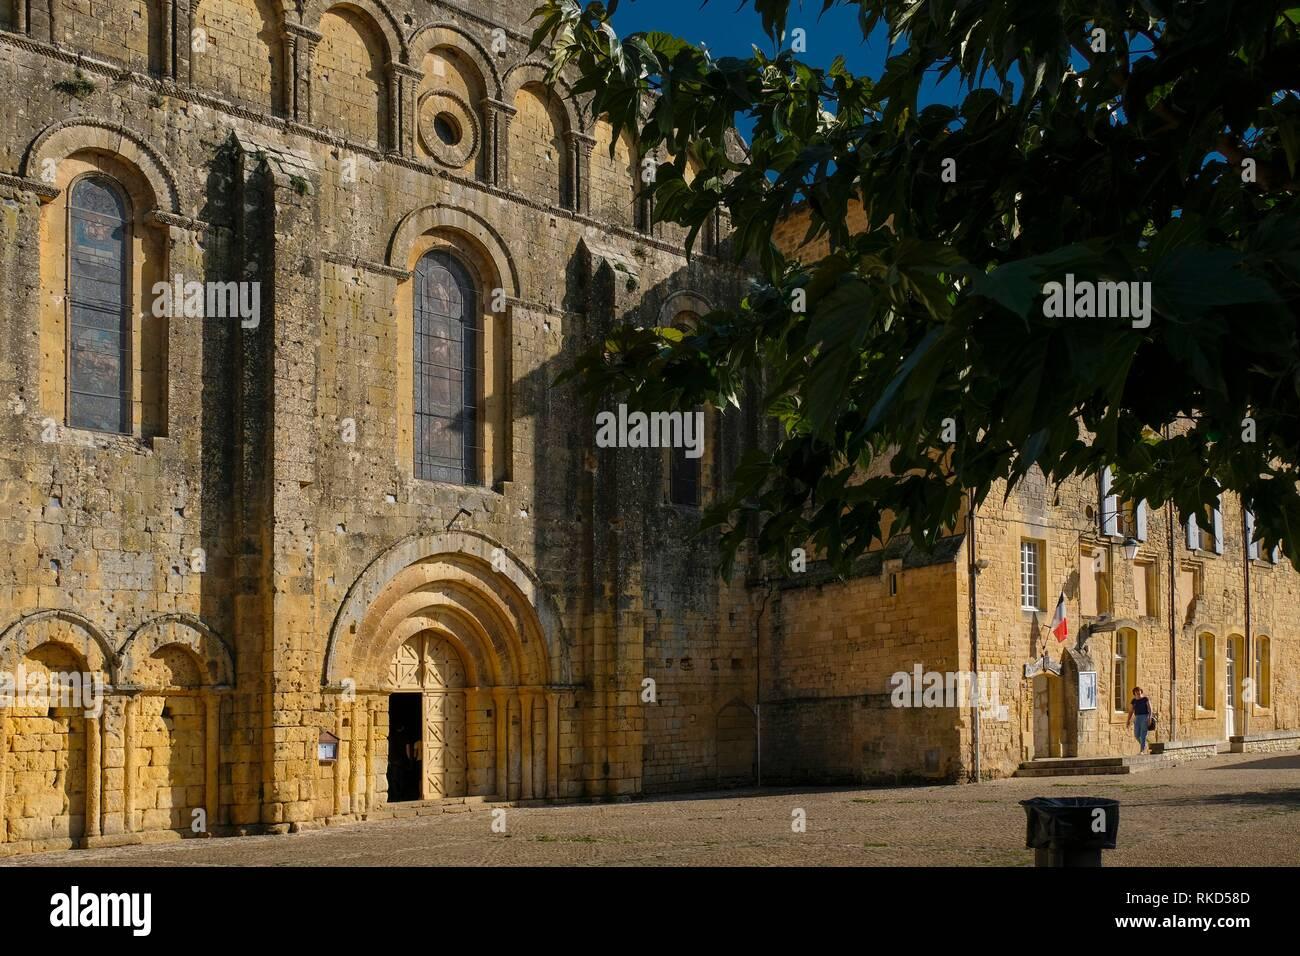 France, Nouvelle Aquitaine, Dordogne, Cadouin church and Abbey, 12th-14th centuries Pilgrimage way to Santiago de Compostela. - Stock Image